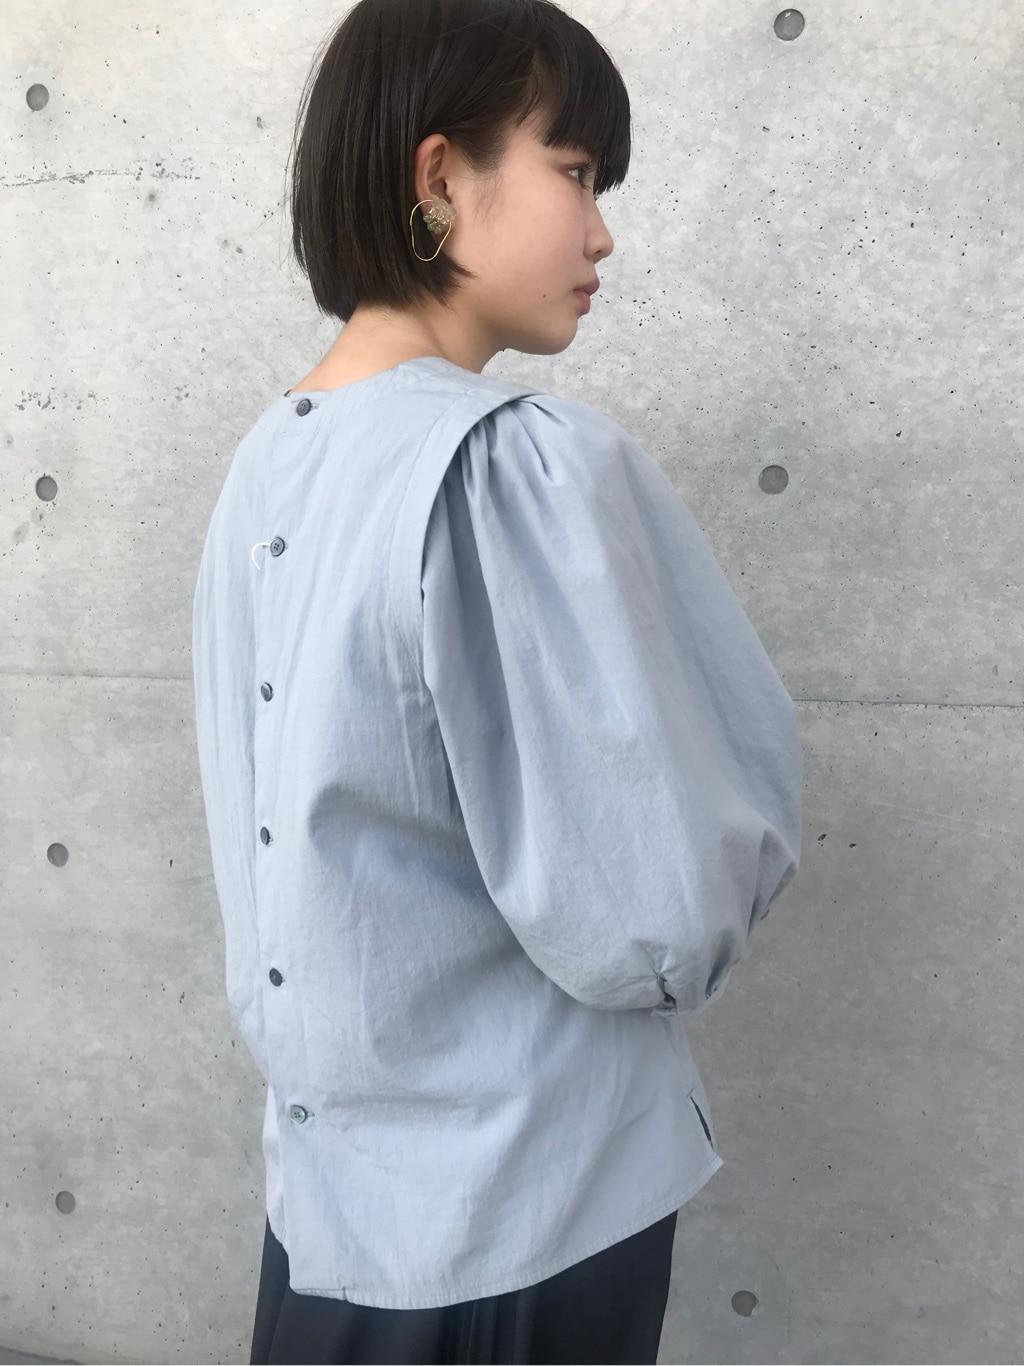 l'atelier du savon 東京スカイツリータウン・ソラマチ 身長:156cm 2020.09.09